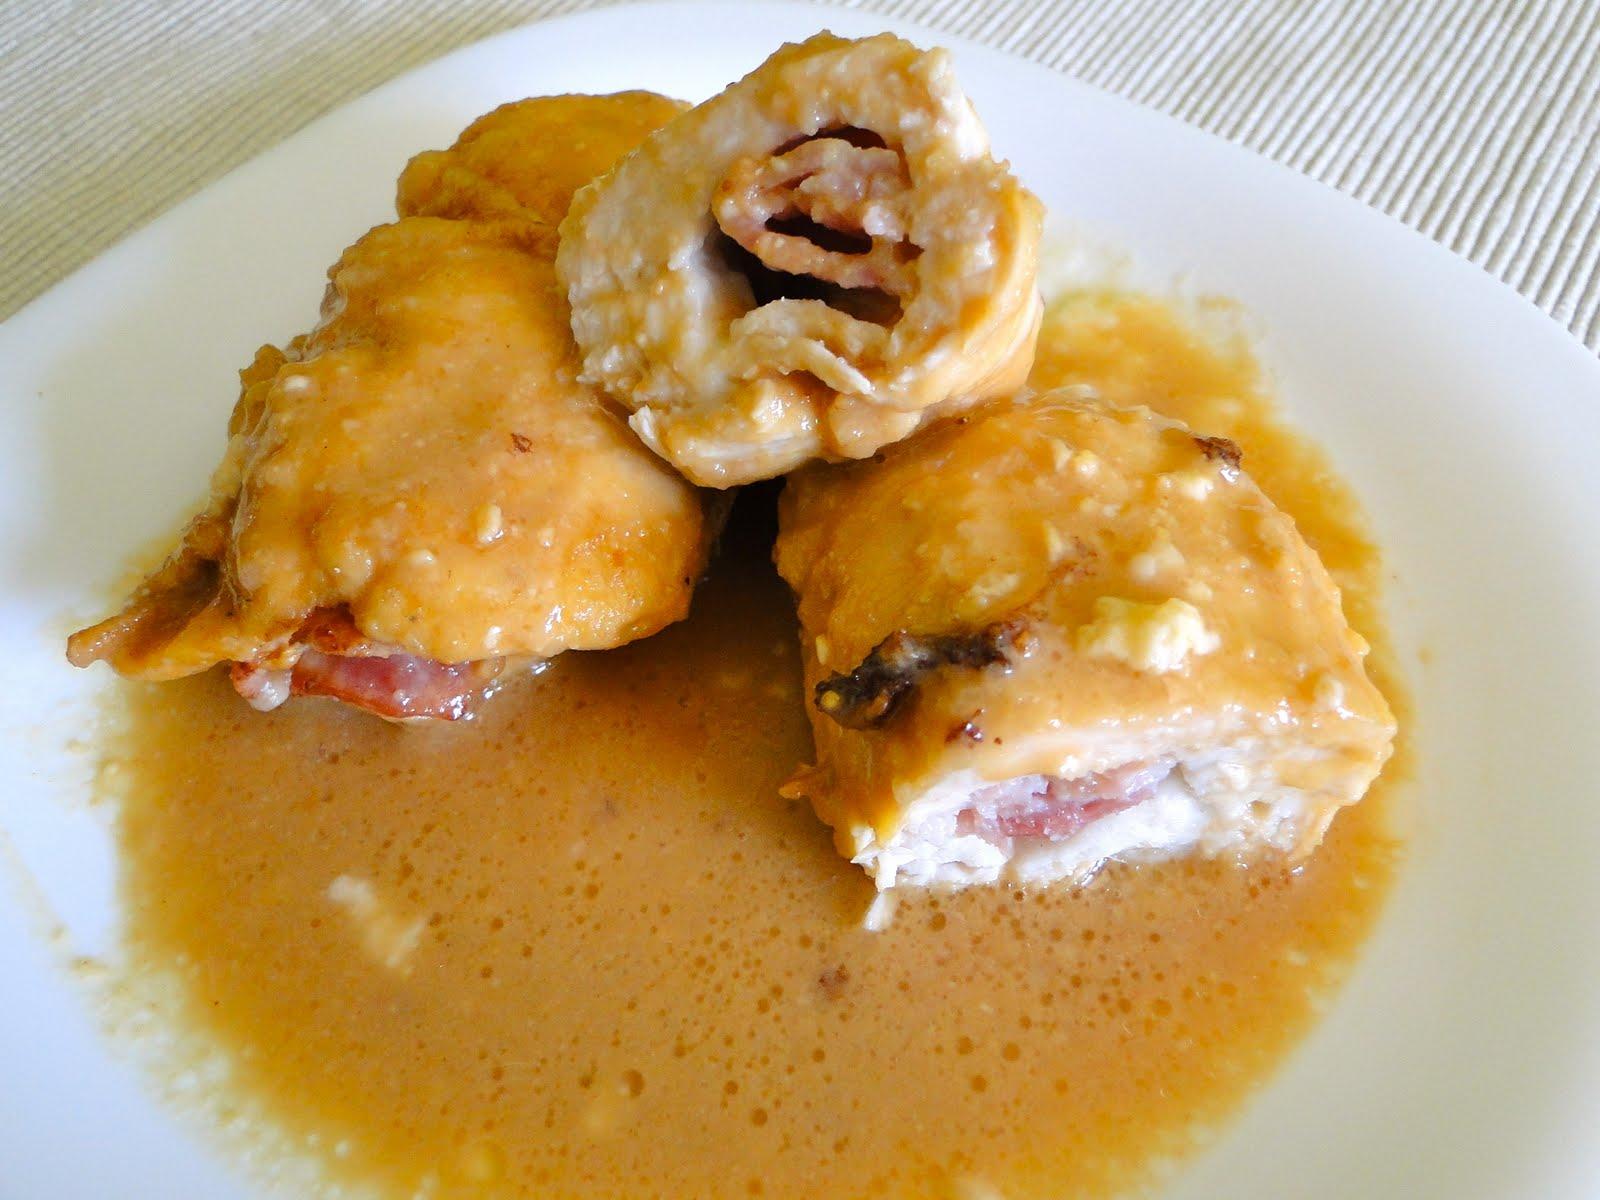 La cocina de deli comida tradicional pechuga de pollo for Cocina 9 ariel rodriguez palacios pollo relleno